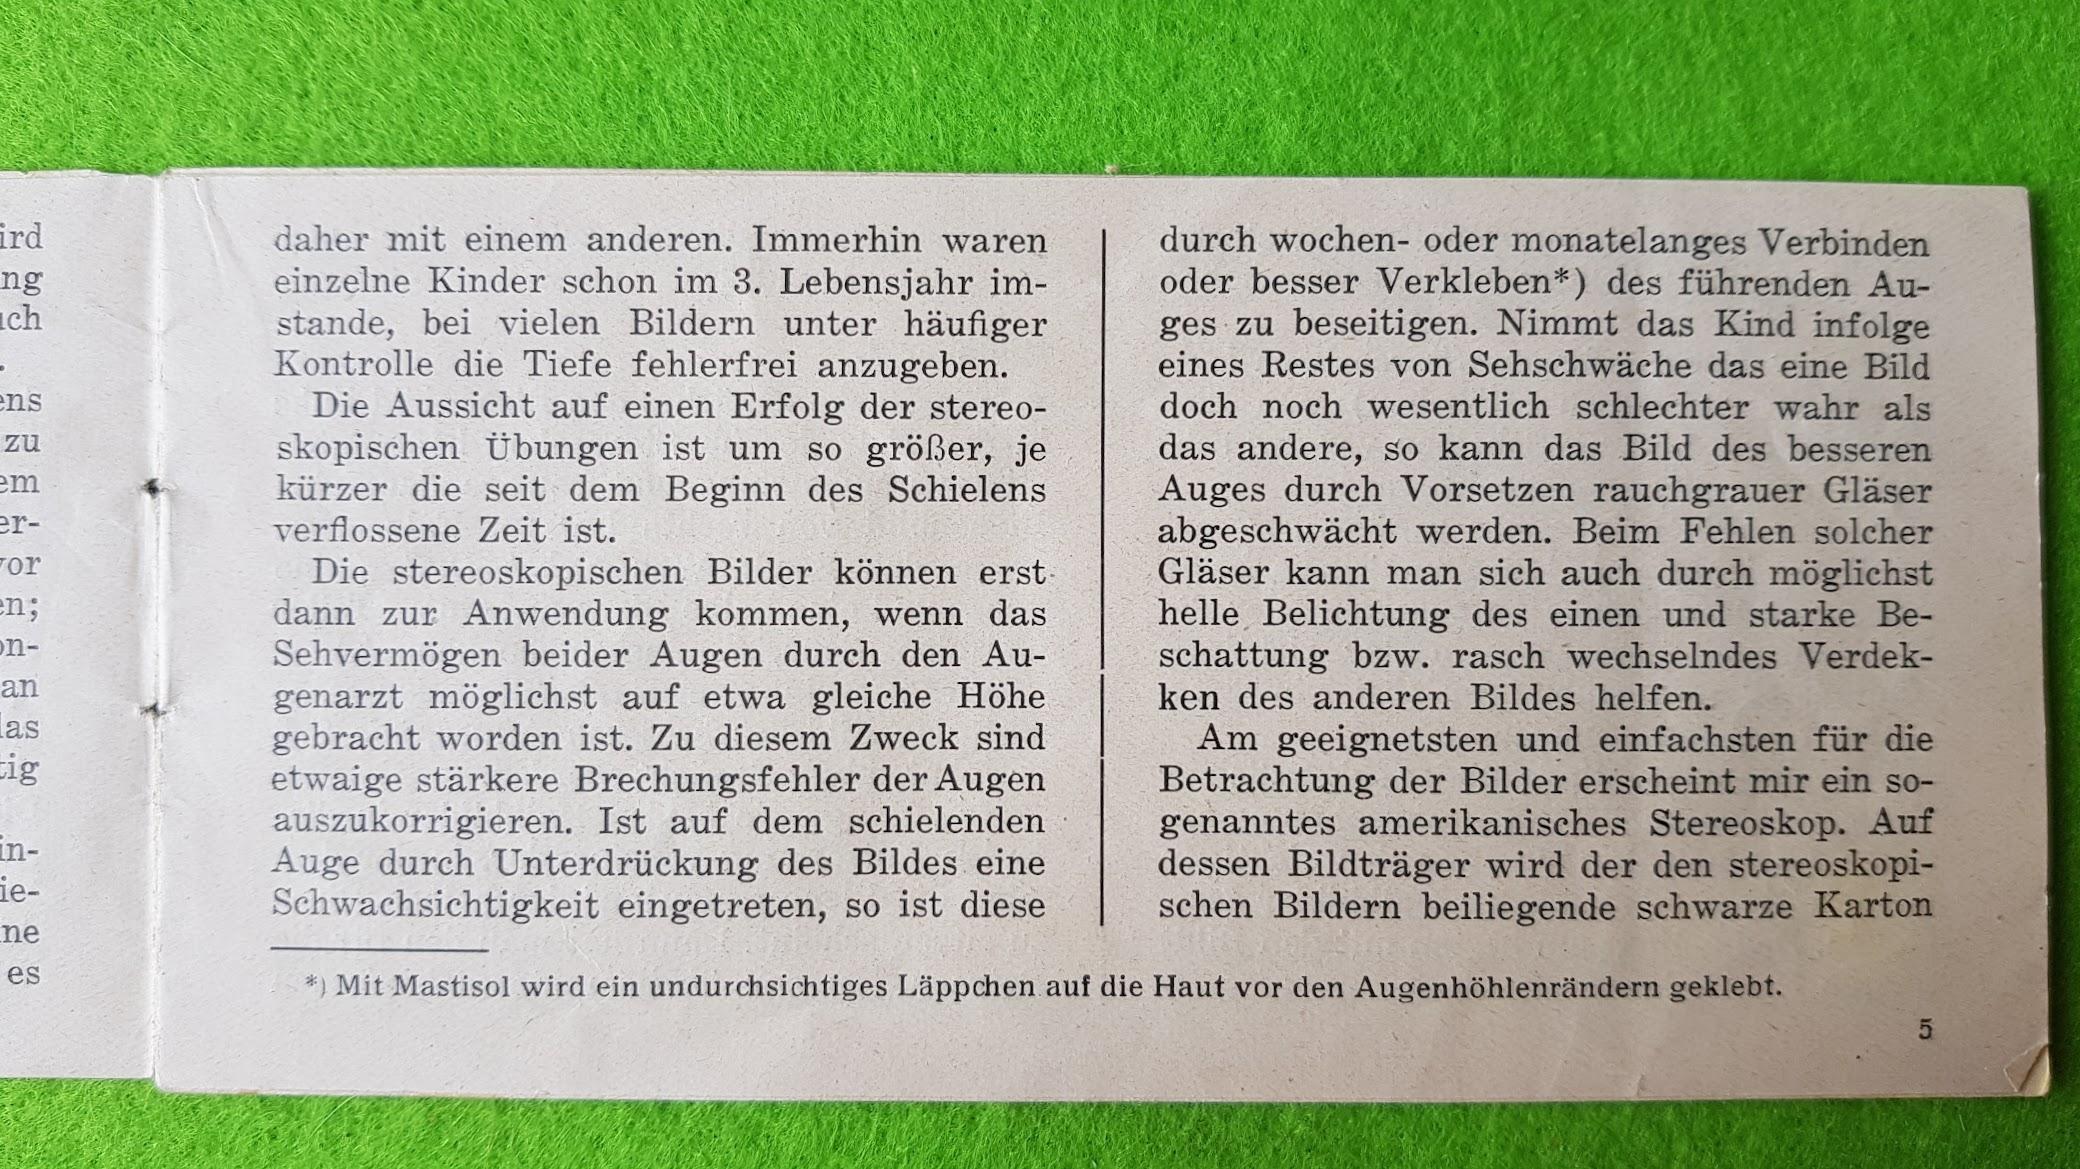 Stereoskopische Bilder für schielende Kinder, Prof. Dr. C. H. Sattler, Königsberg, 1928